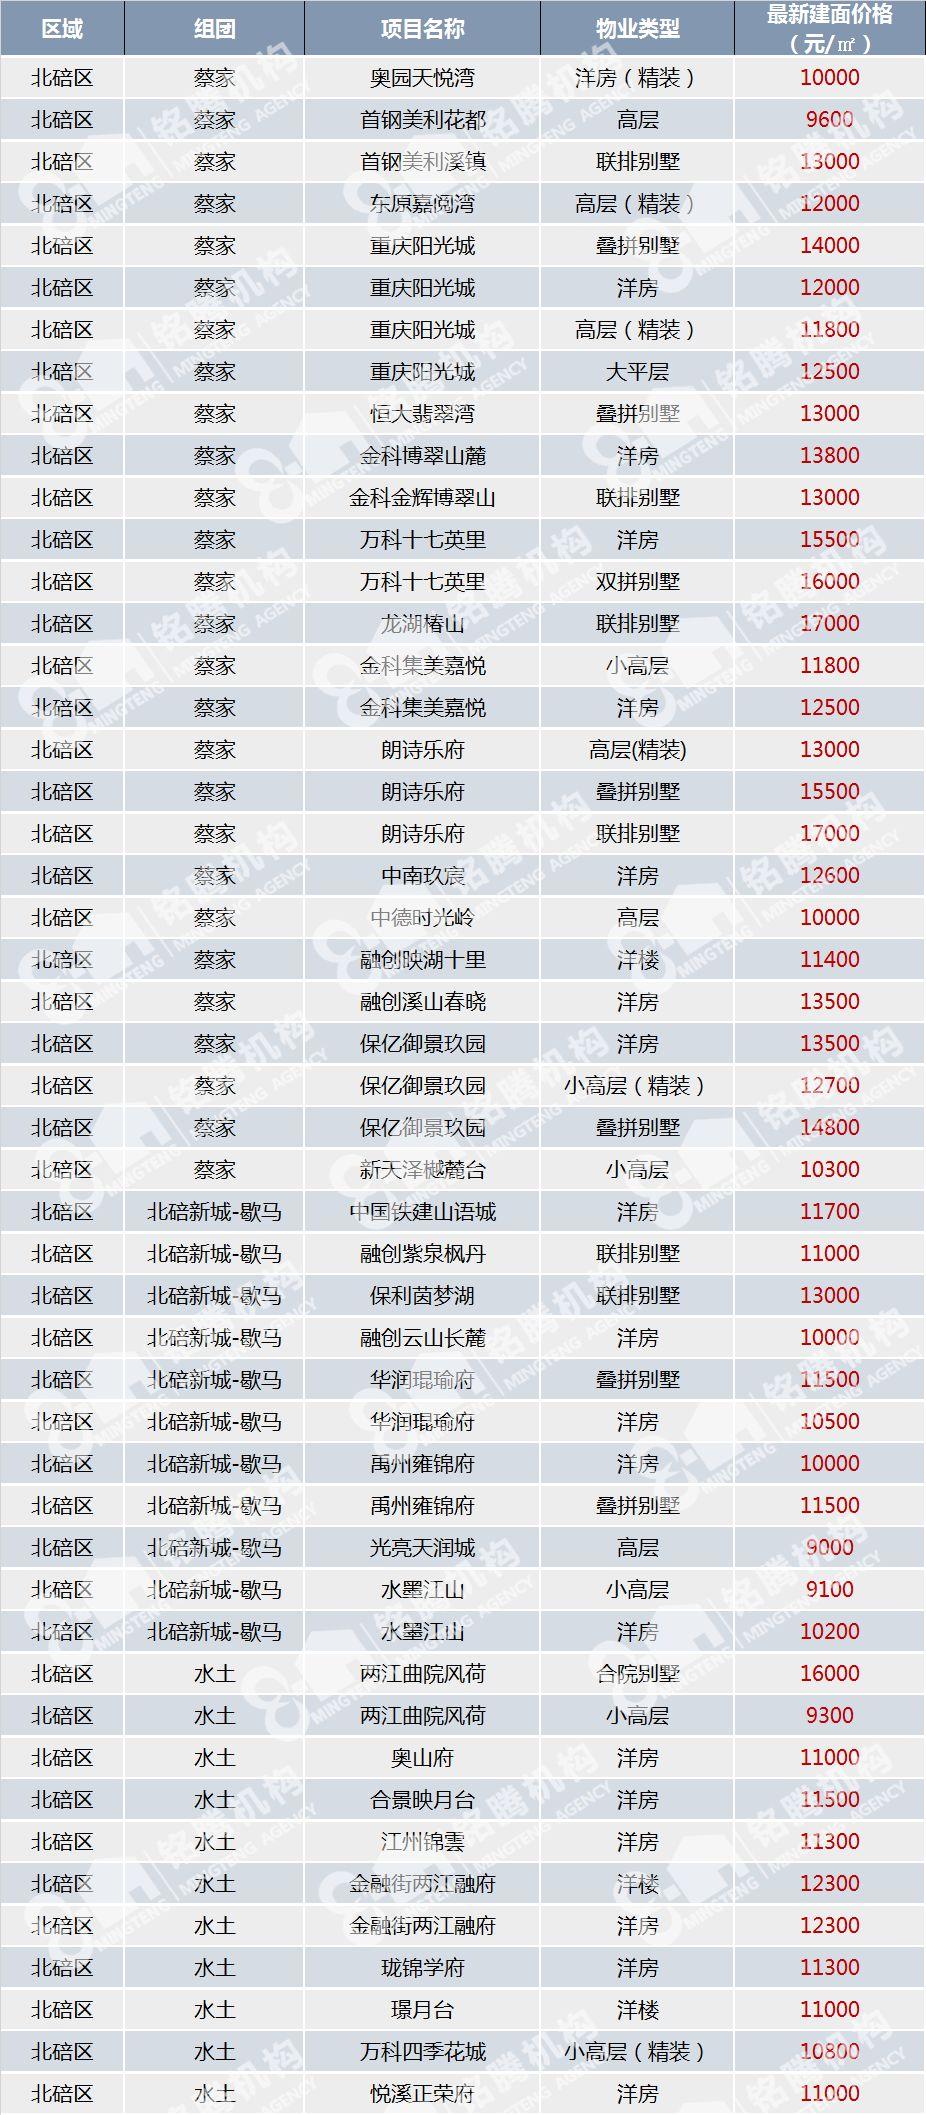 深圳各区房价一览表